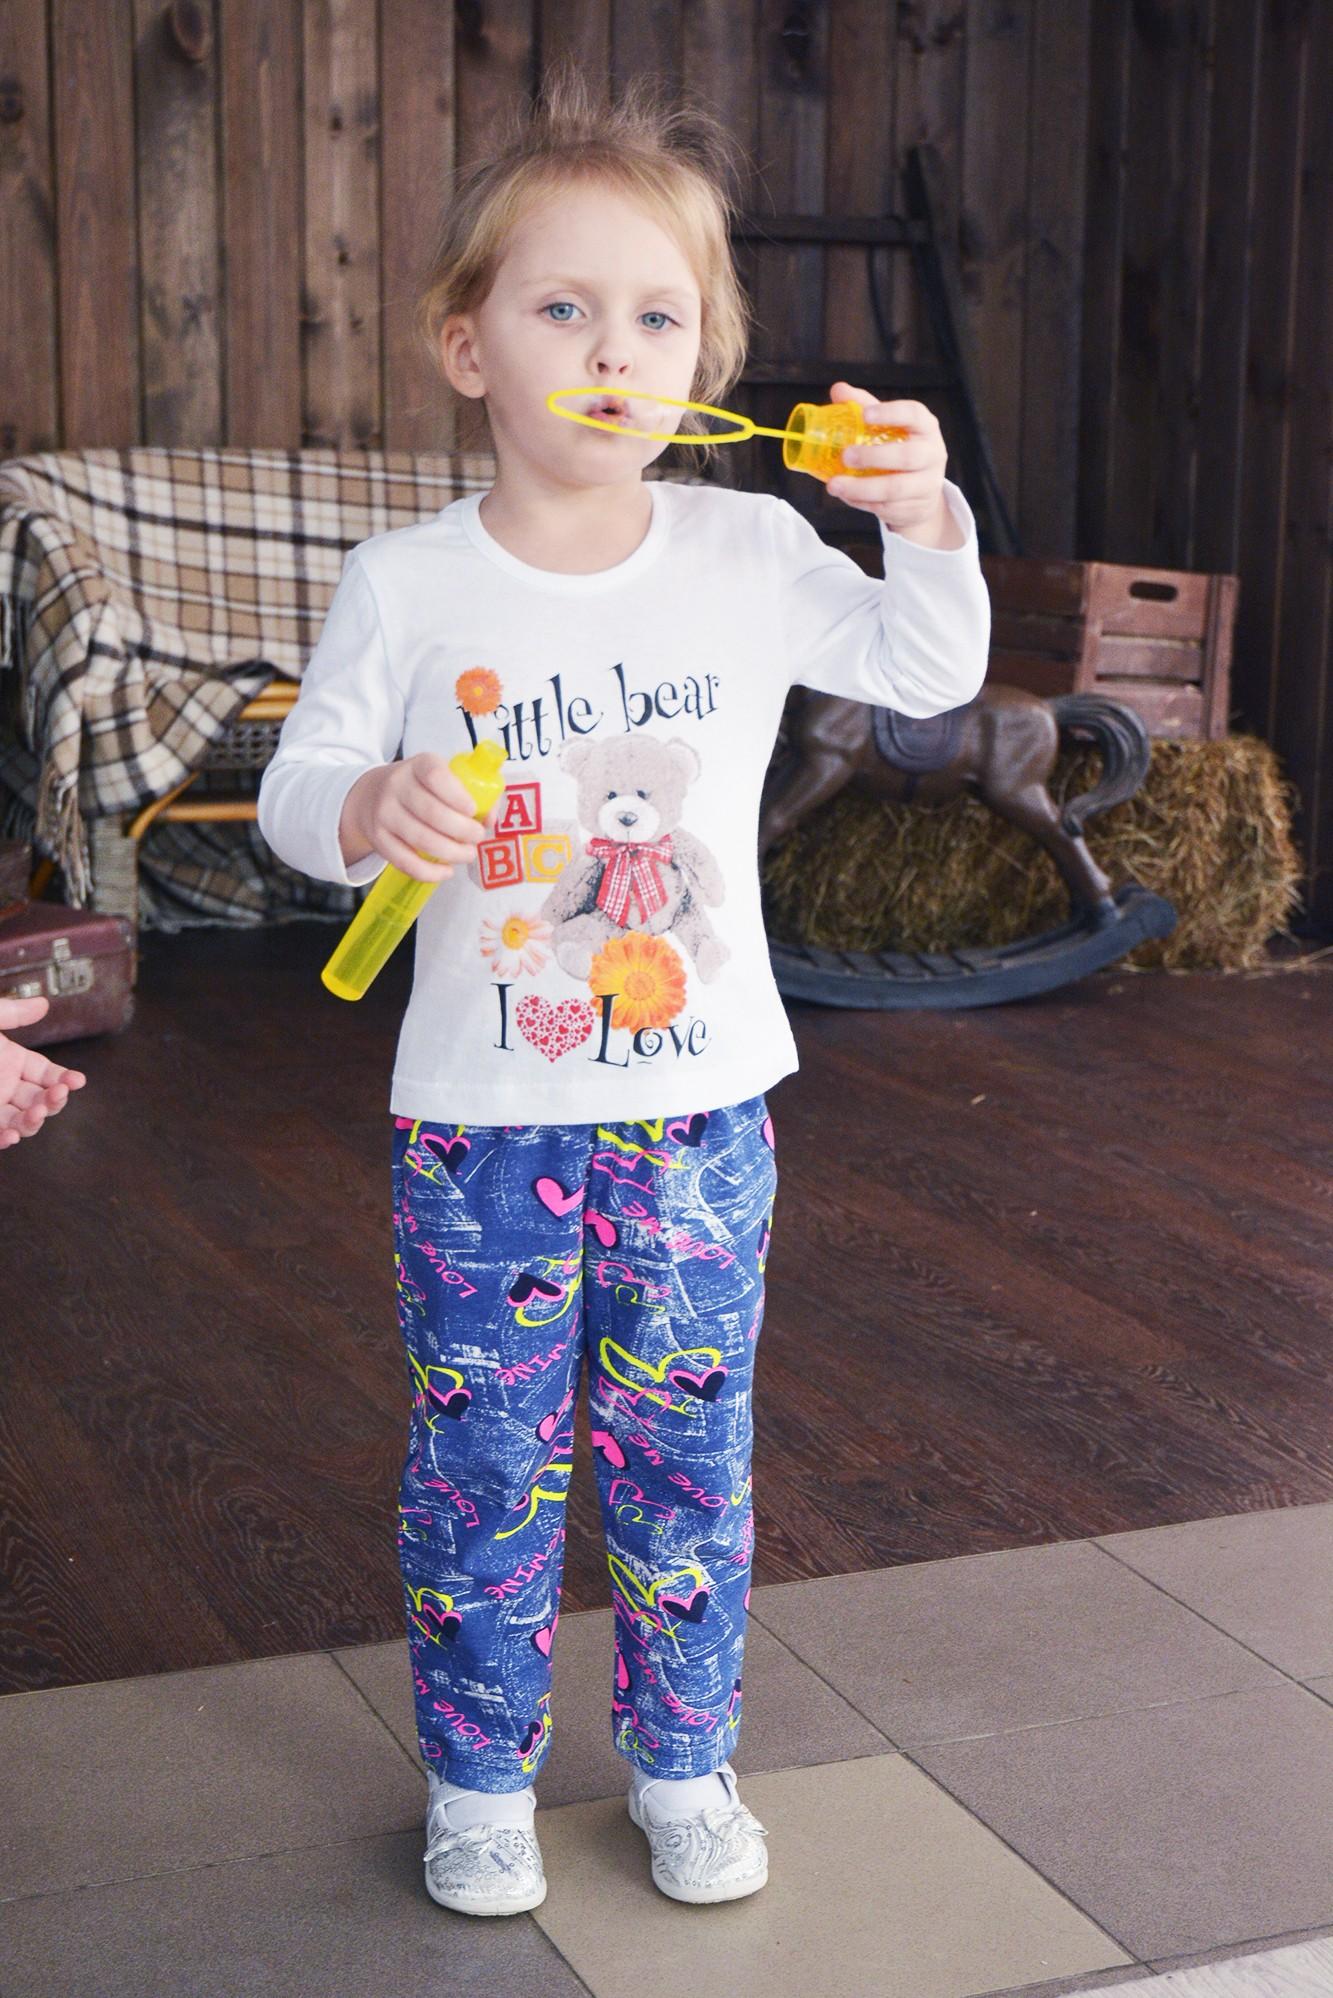 Водолазка детская Little Bear для девочкиСвитеры, водолазки, джемперы<br><br><br>Размер: Бежевый